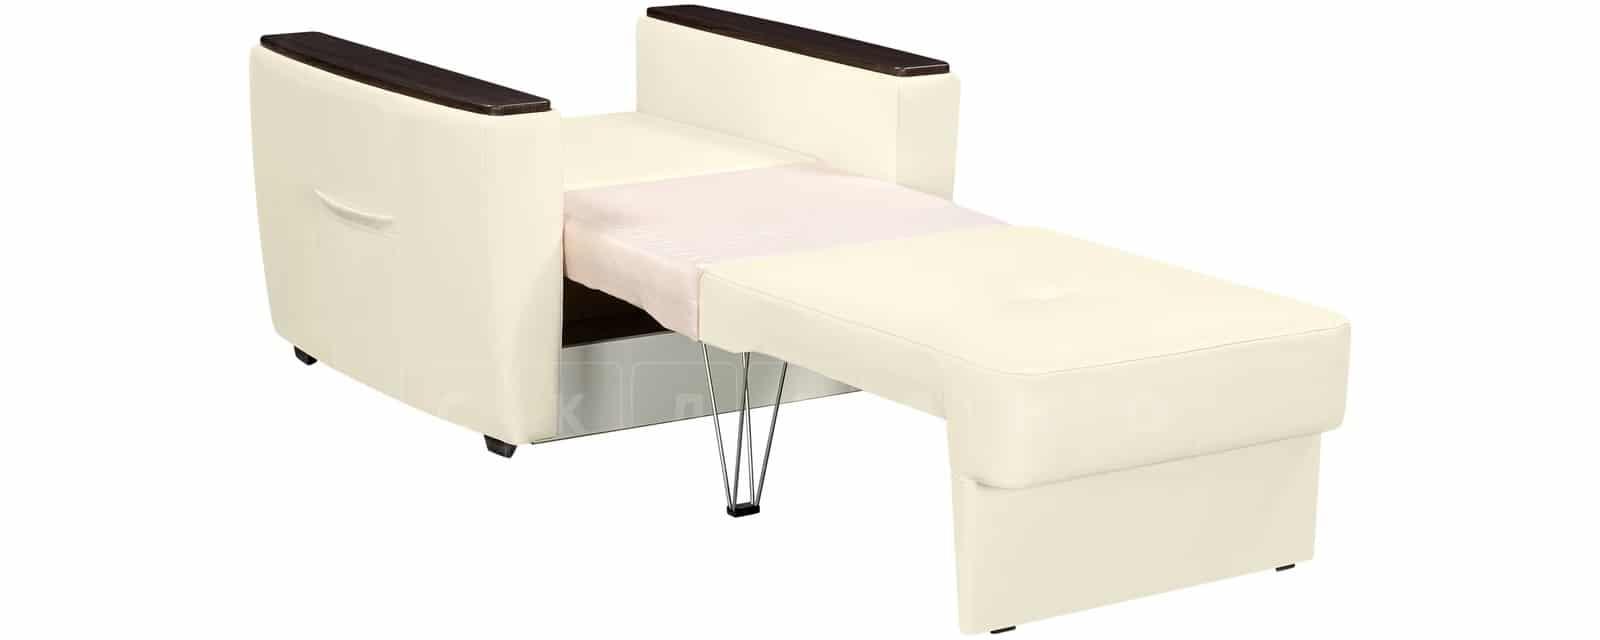 Кресло Майами молочного цвета со спальным местом фото 4 | интернет-магазин Складно